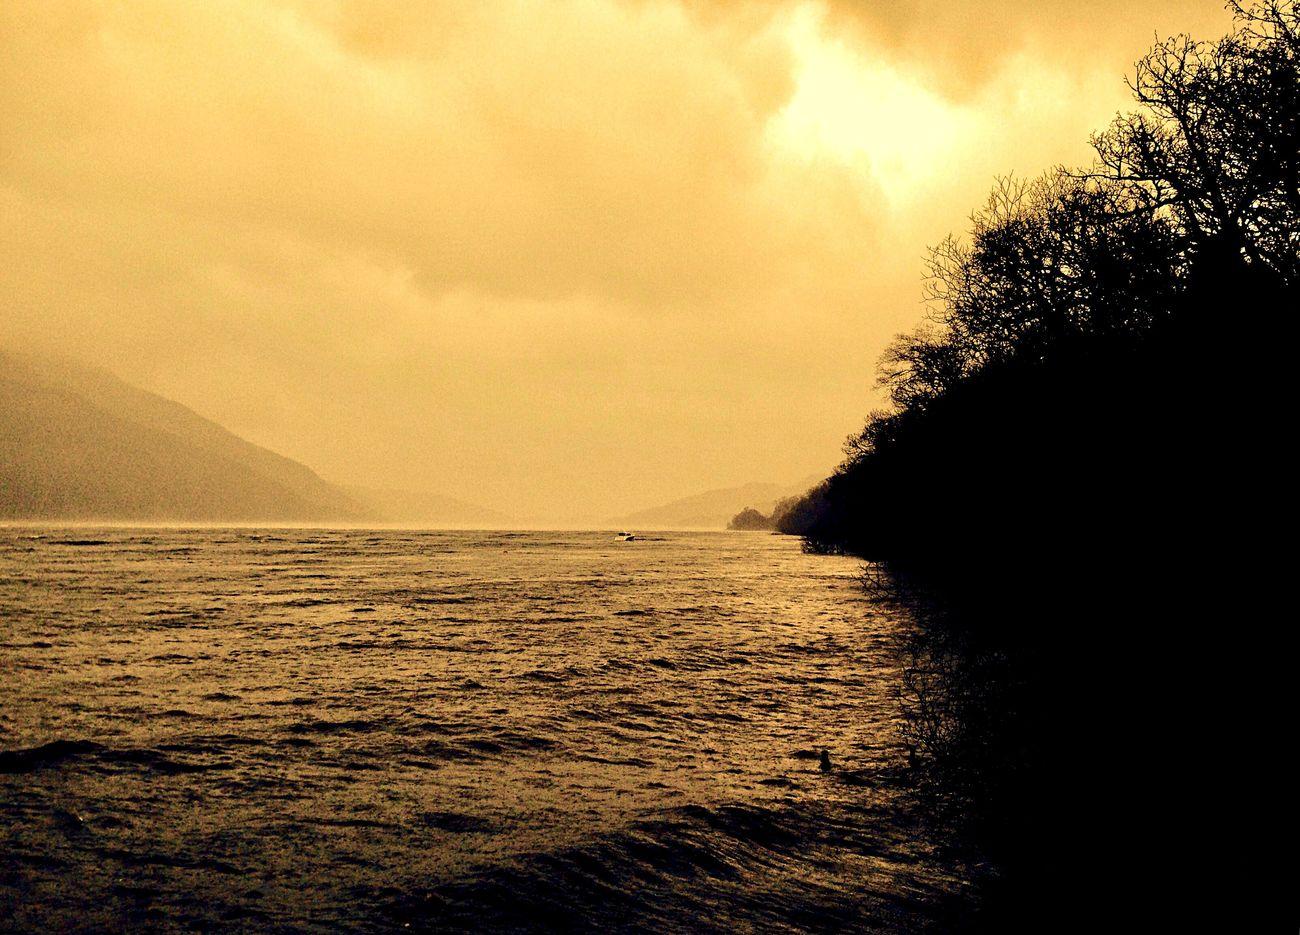 LochLomond Beauty In Nature Sunset_collection Sunset Scotland Tree Sky Mountain